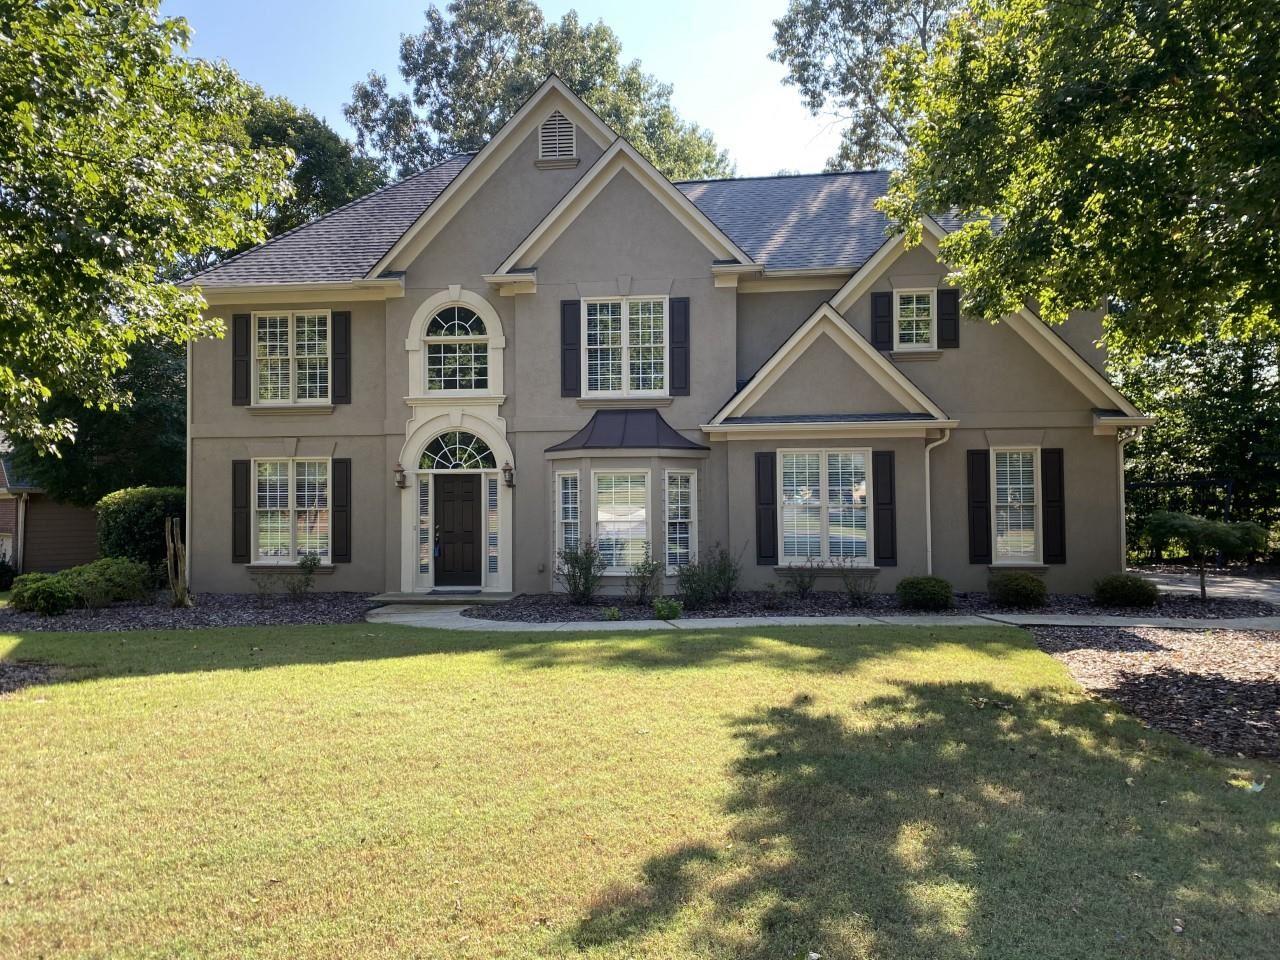 12310 Stevens Creek Dr, Alpharetta, GA 30005 - MLS#: 8863471